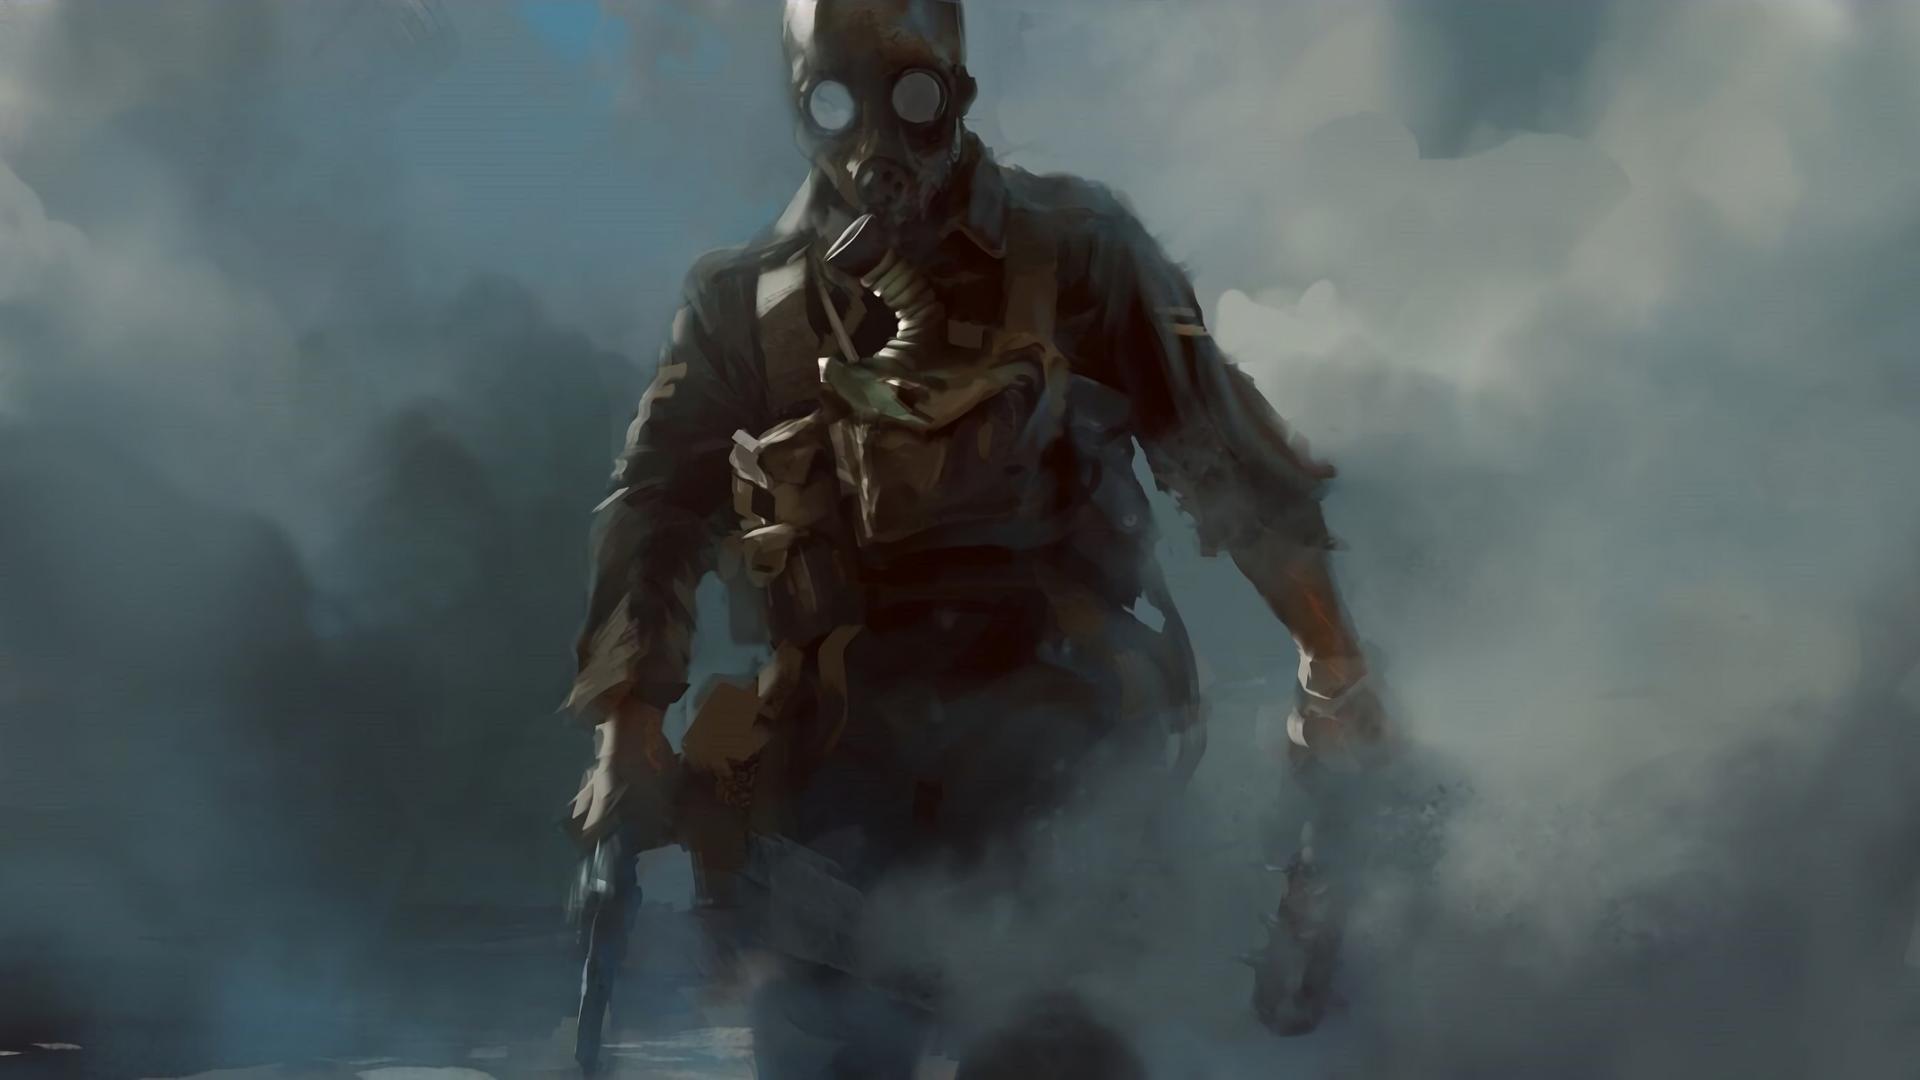 World War I Revolver Club Gas Masks Soldier Smoke Video Games Battlefield One 1